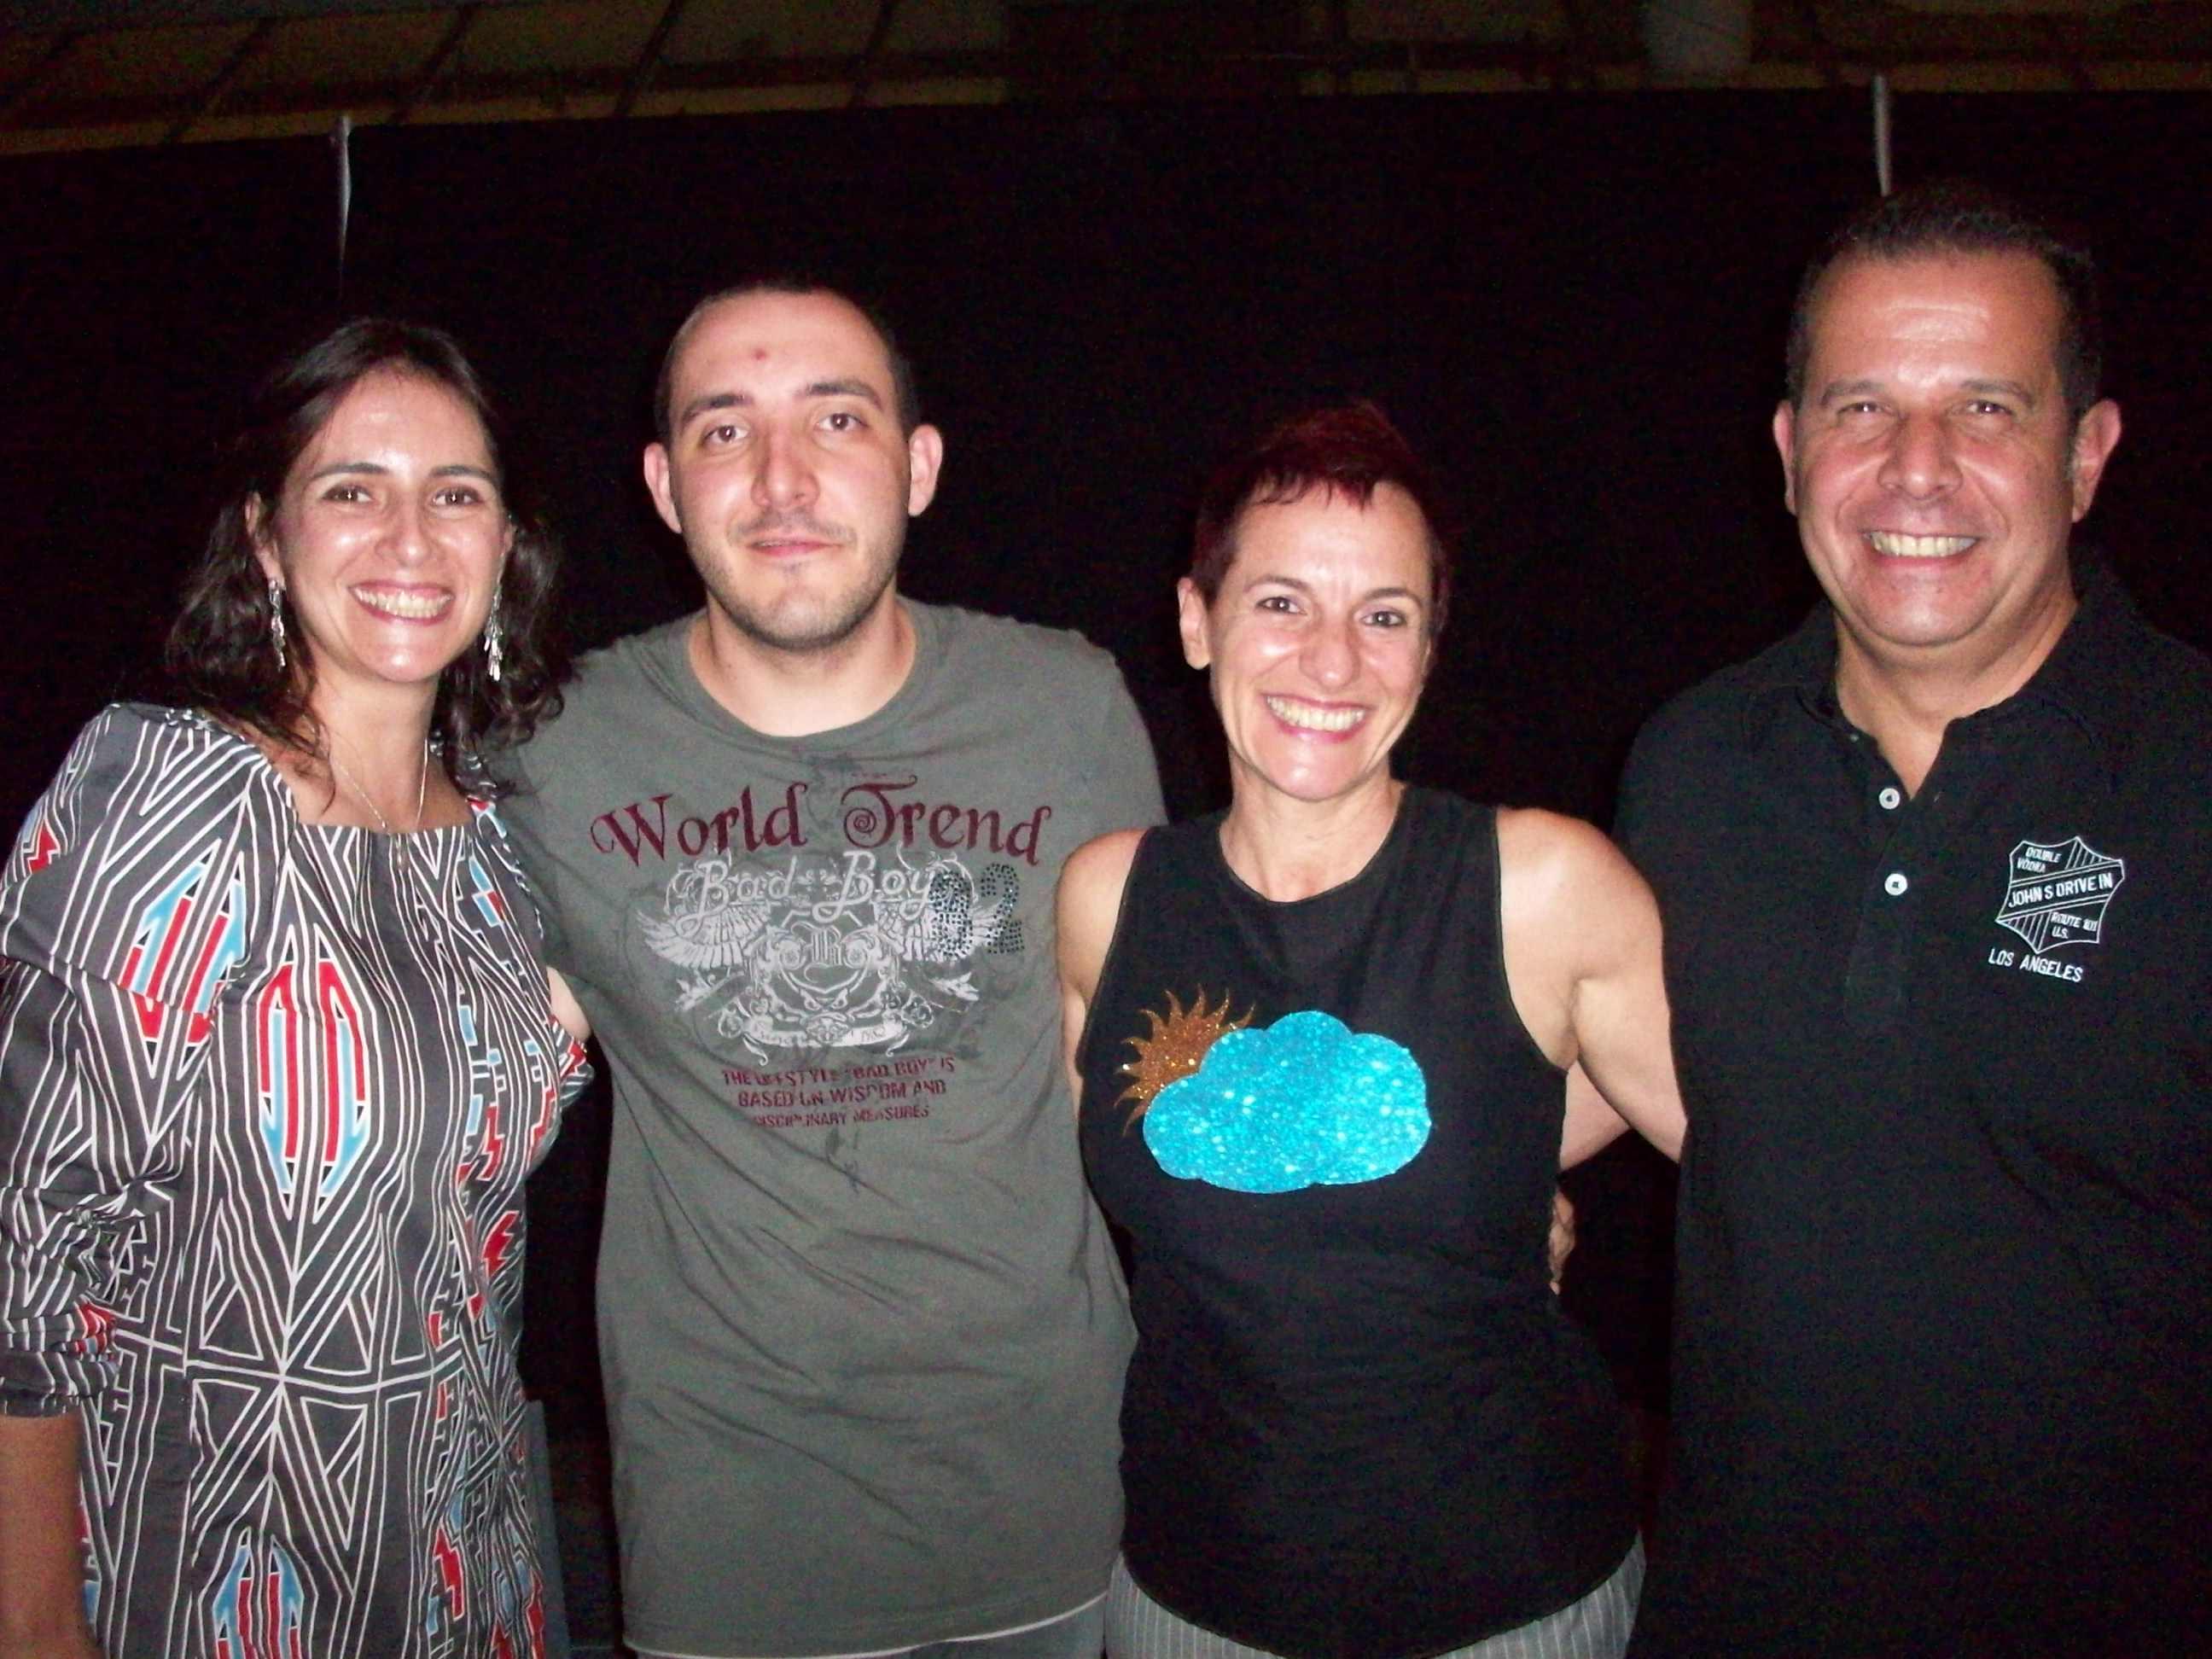 A-fotógrafa-Soraya-Montanheiro-o-consultor-Felipe-Brida-a-cantora-e-compositora-Laura-Finnochiaro-e-o-DJ-Raul-Vax-100_2455